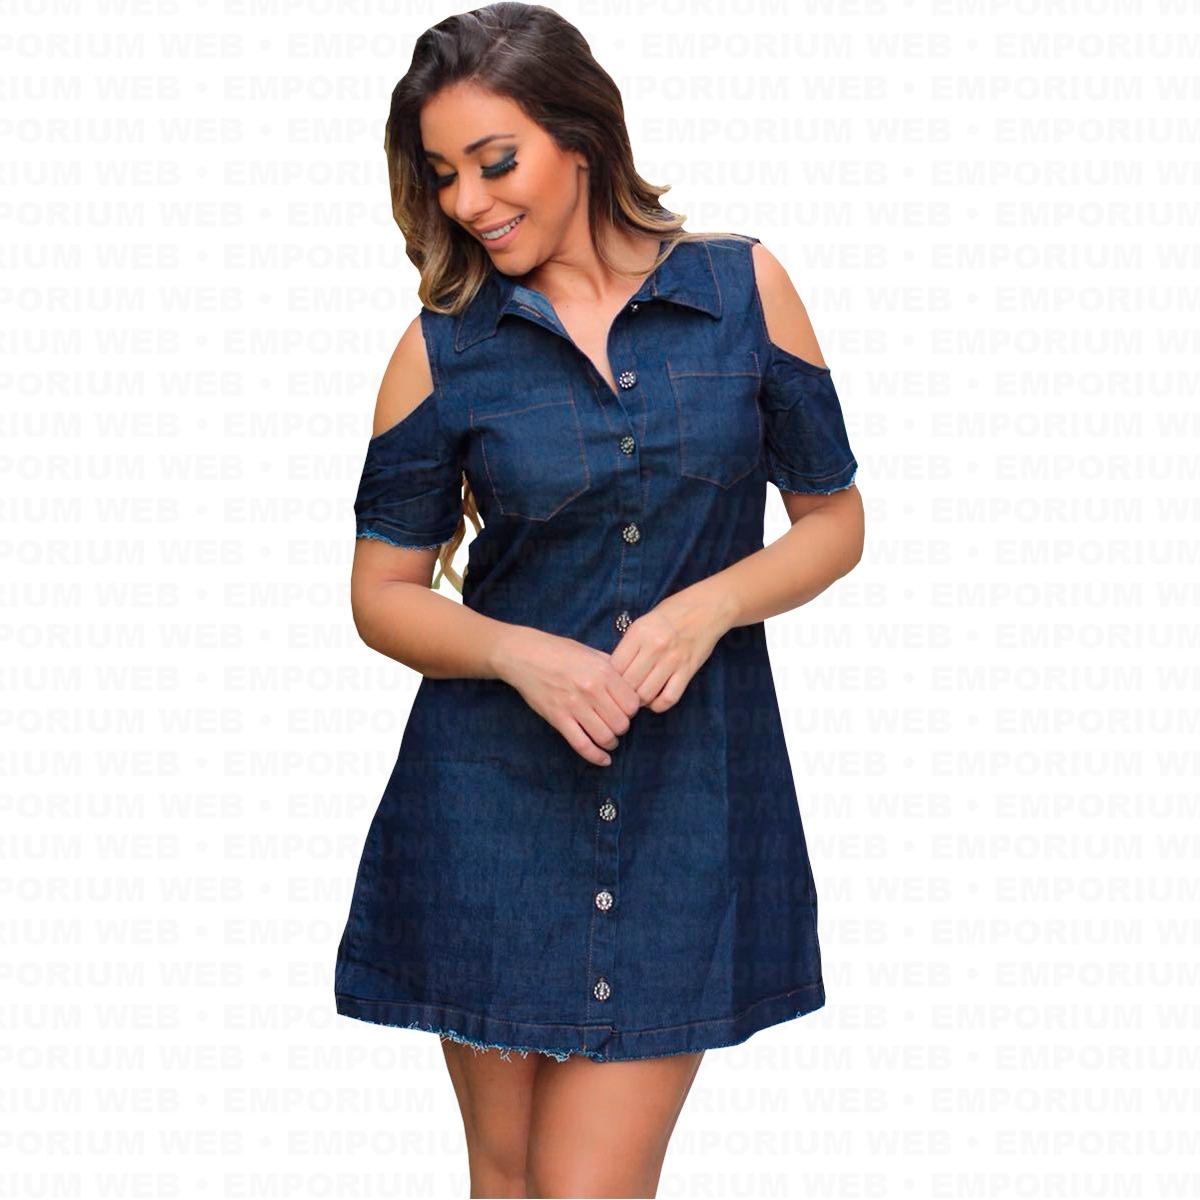 88c4f5de1 vestido jeans manga vazada plus size panicat promoção até 50. Carregando  zoom.